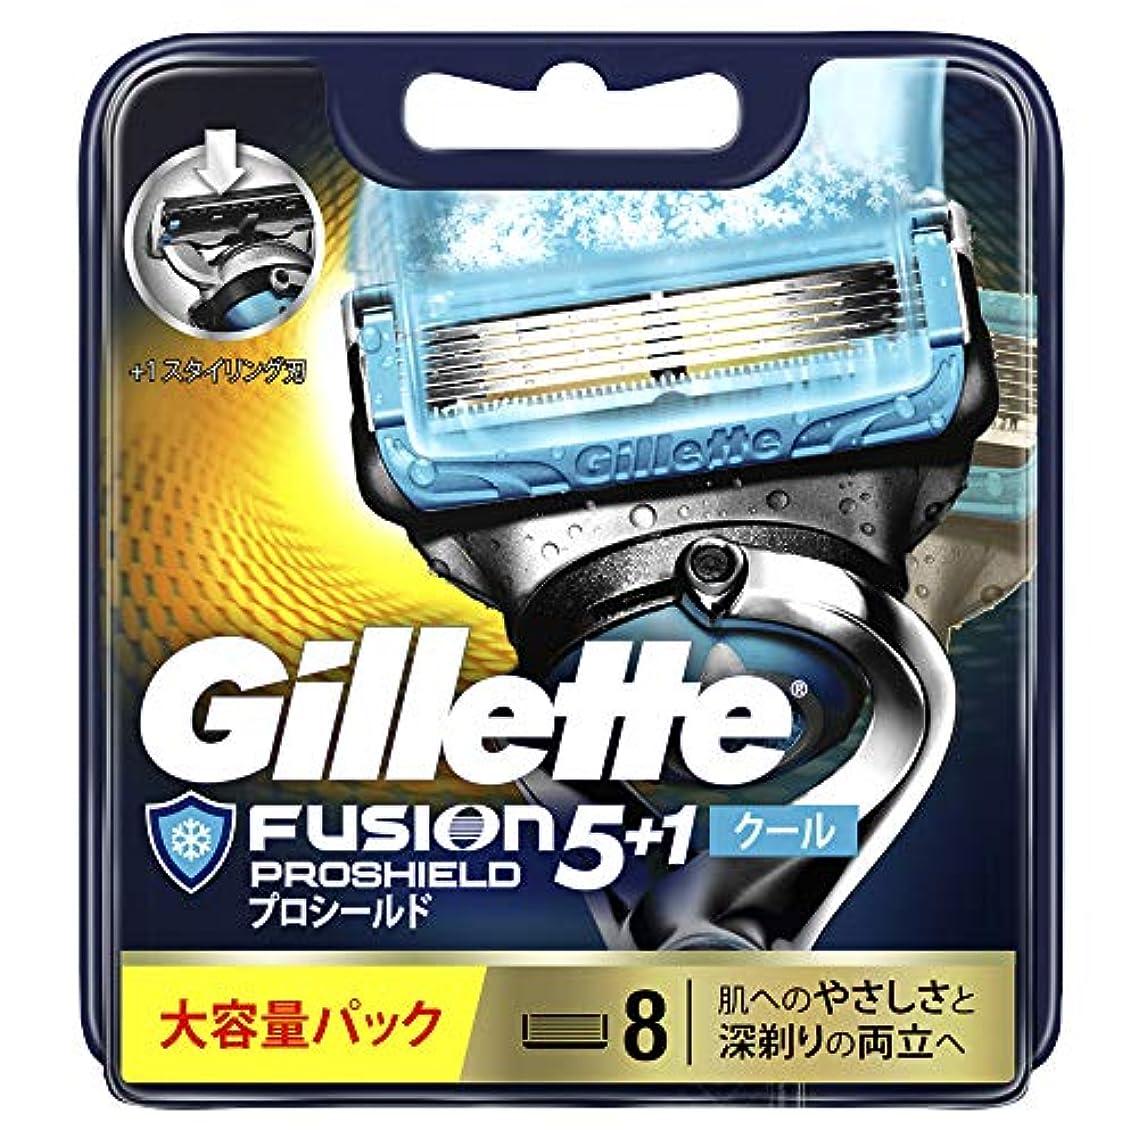 頻繁に風味剛性ジレット 髭剃り フュージョン5+1 プロシールド クール 替刃 8個入